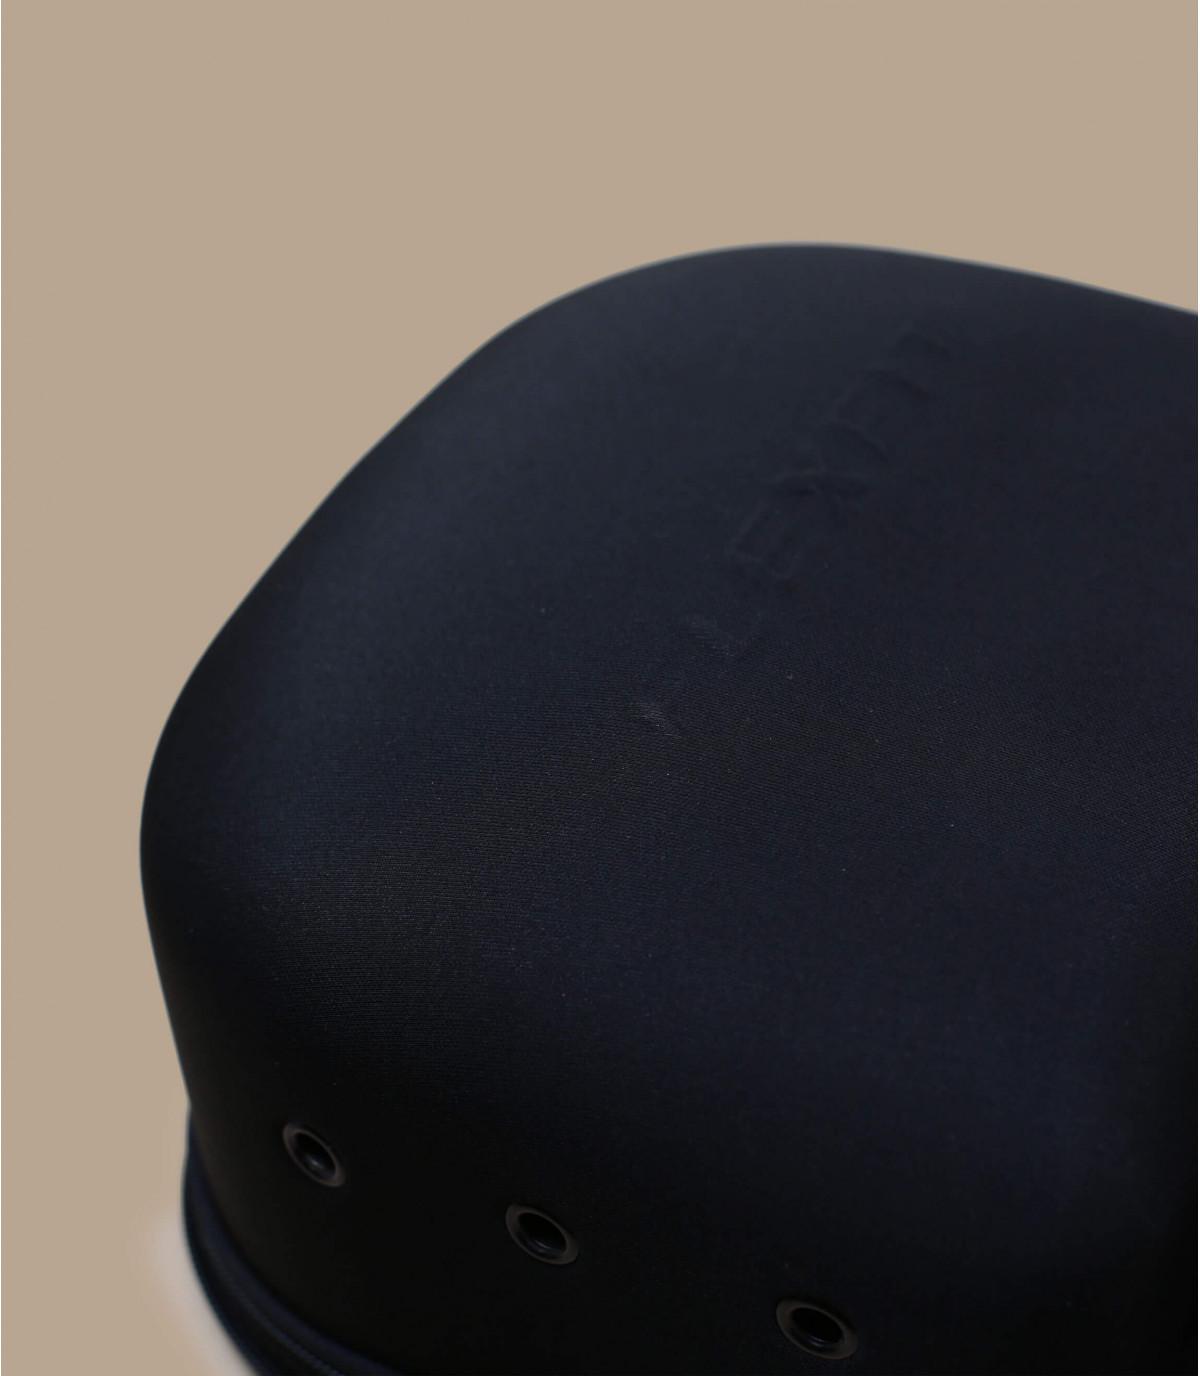 Détails Boite à casquettes x6 - image 3